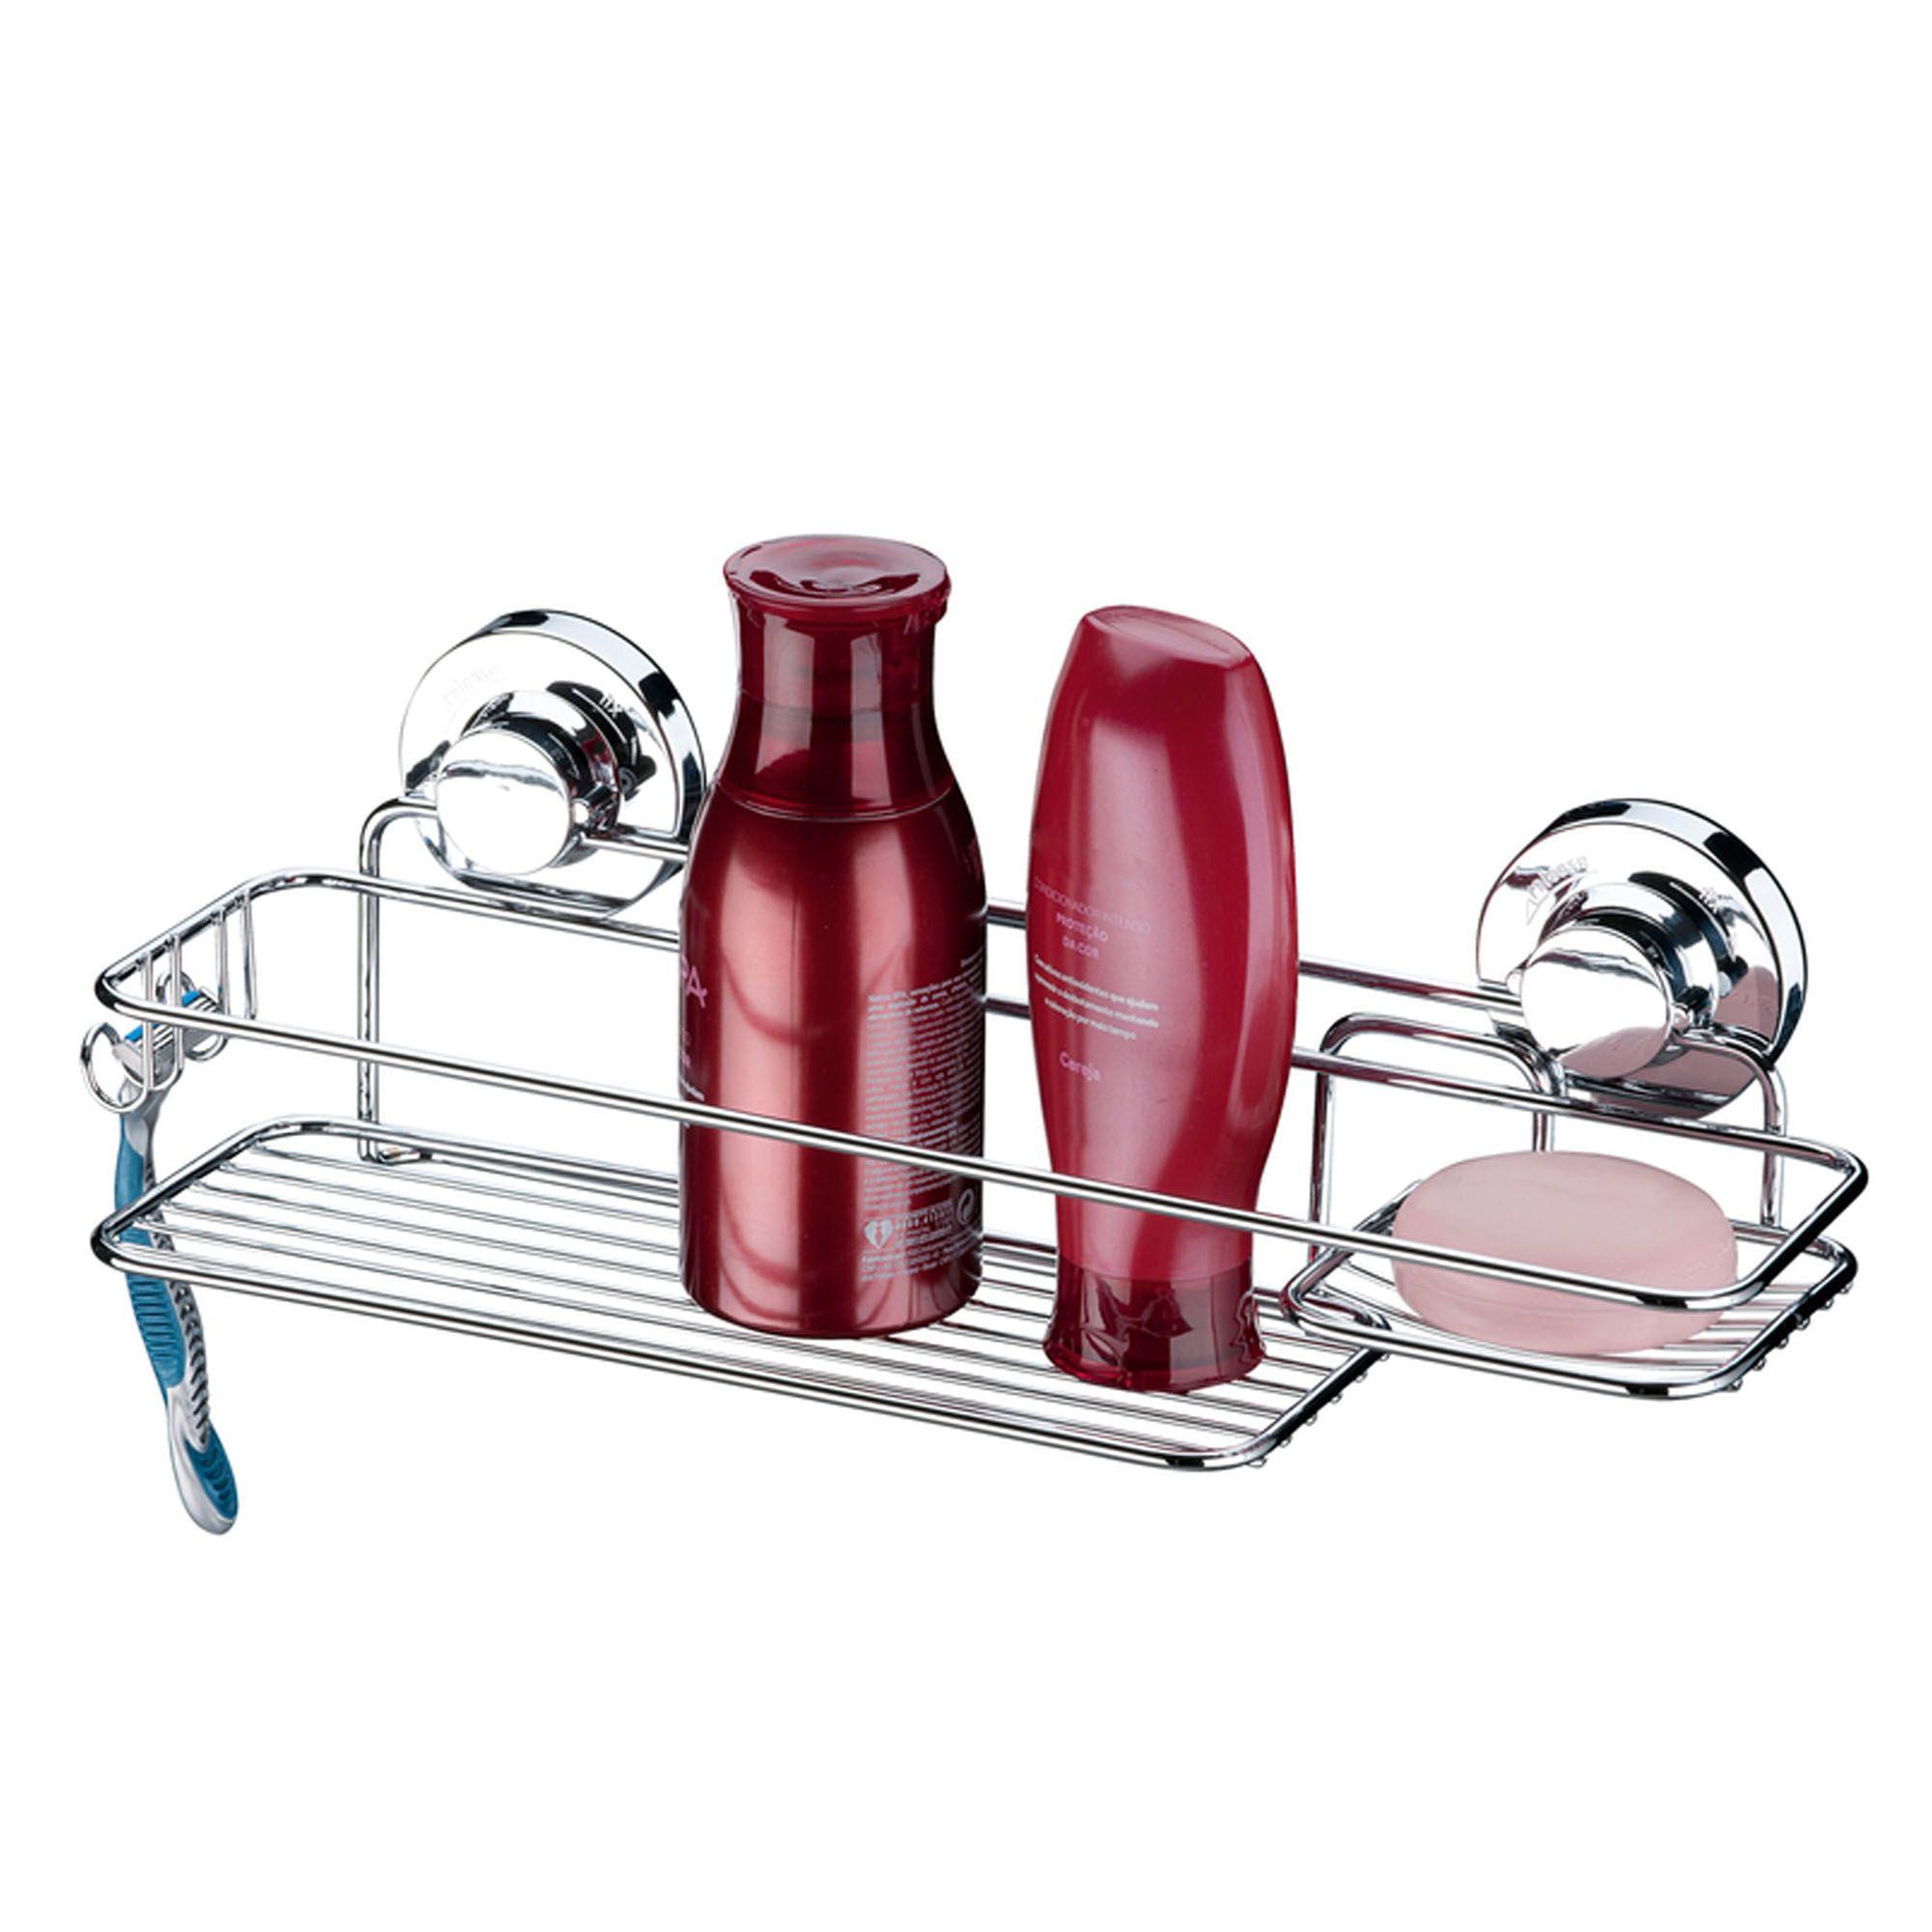 Suporte para Shampoo / Sabonete - FUTURE 4000